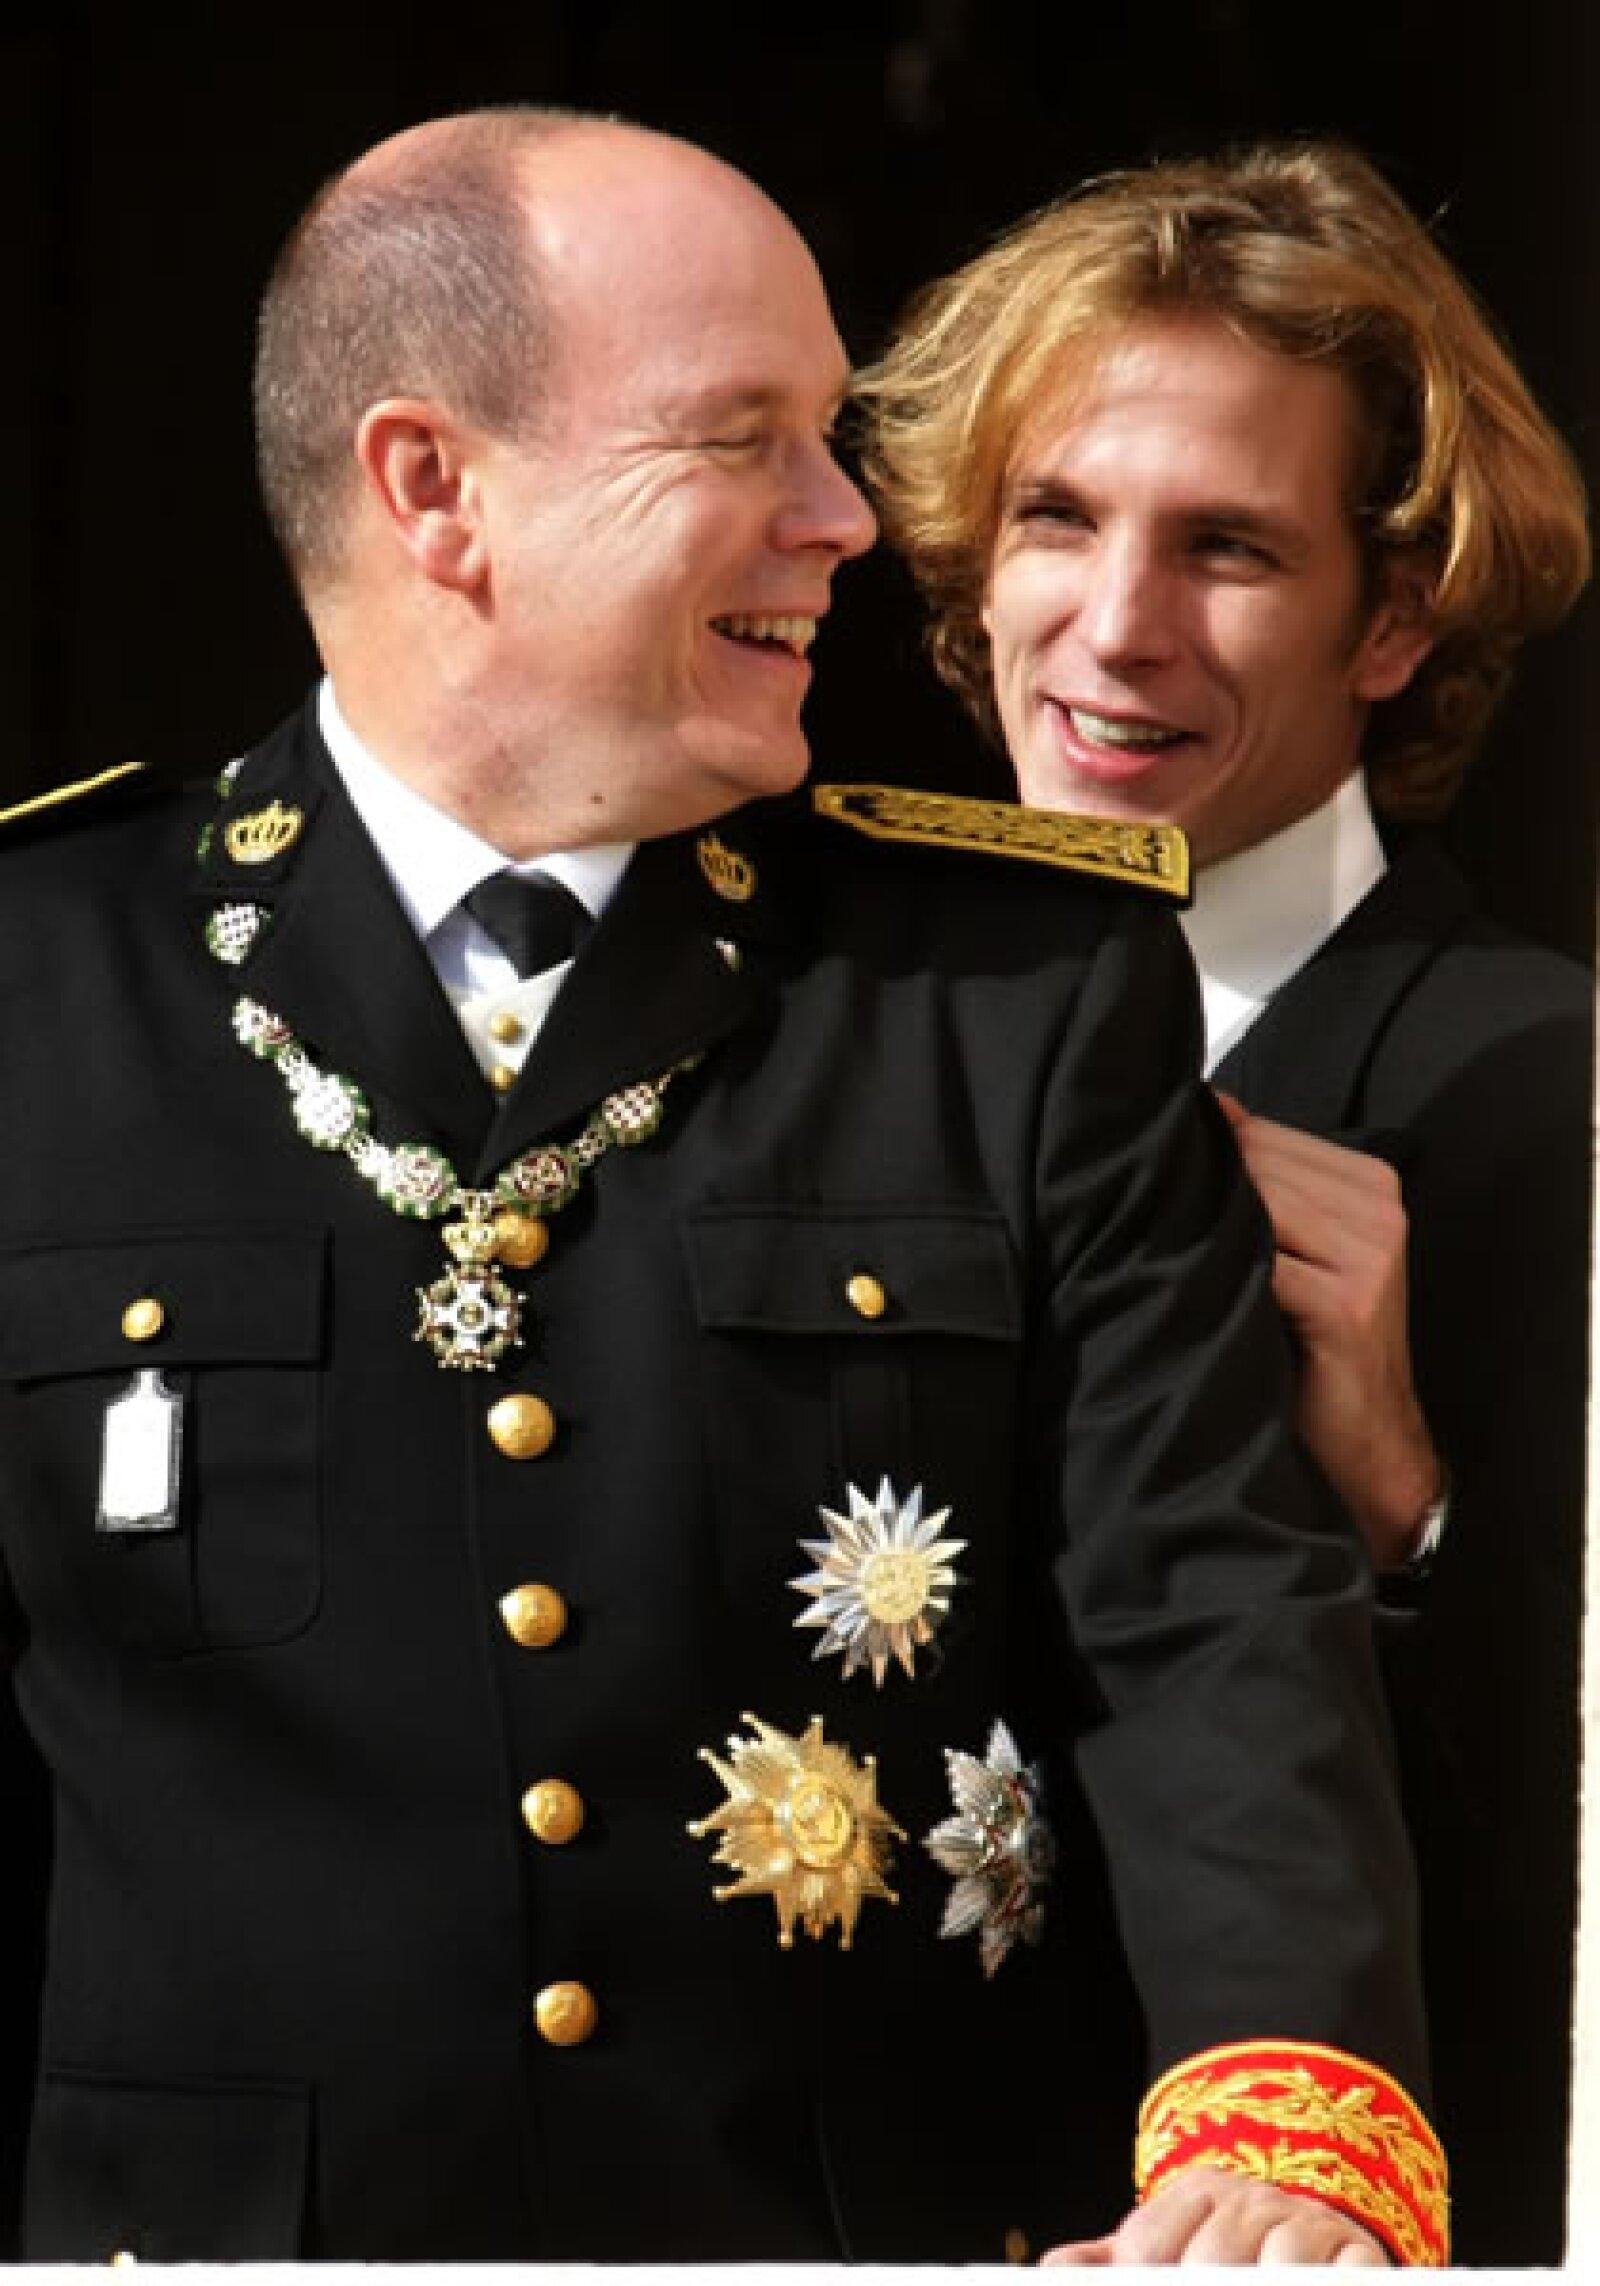 Andrea se divierte con su tío el Príncipe Alberto, que de no dejar descendencia legítima, dejaría al joven de 27 años como el heredero al trono de los Grimaldi.